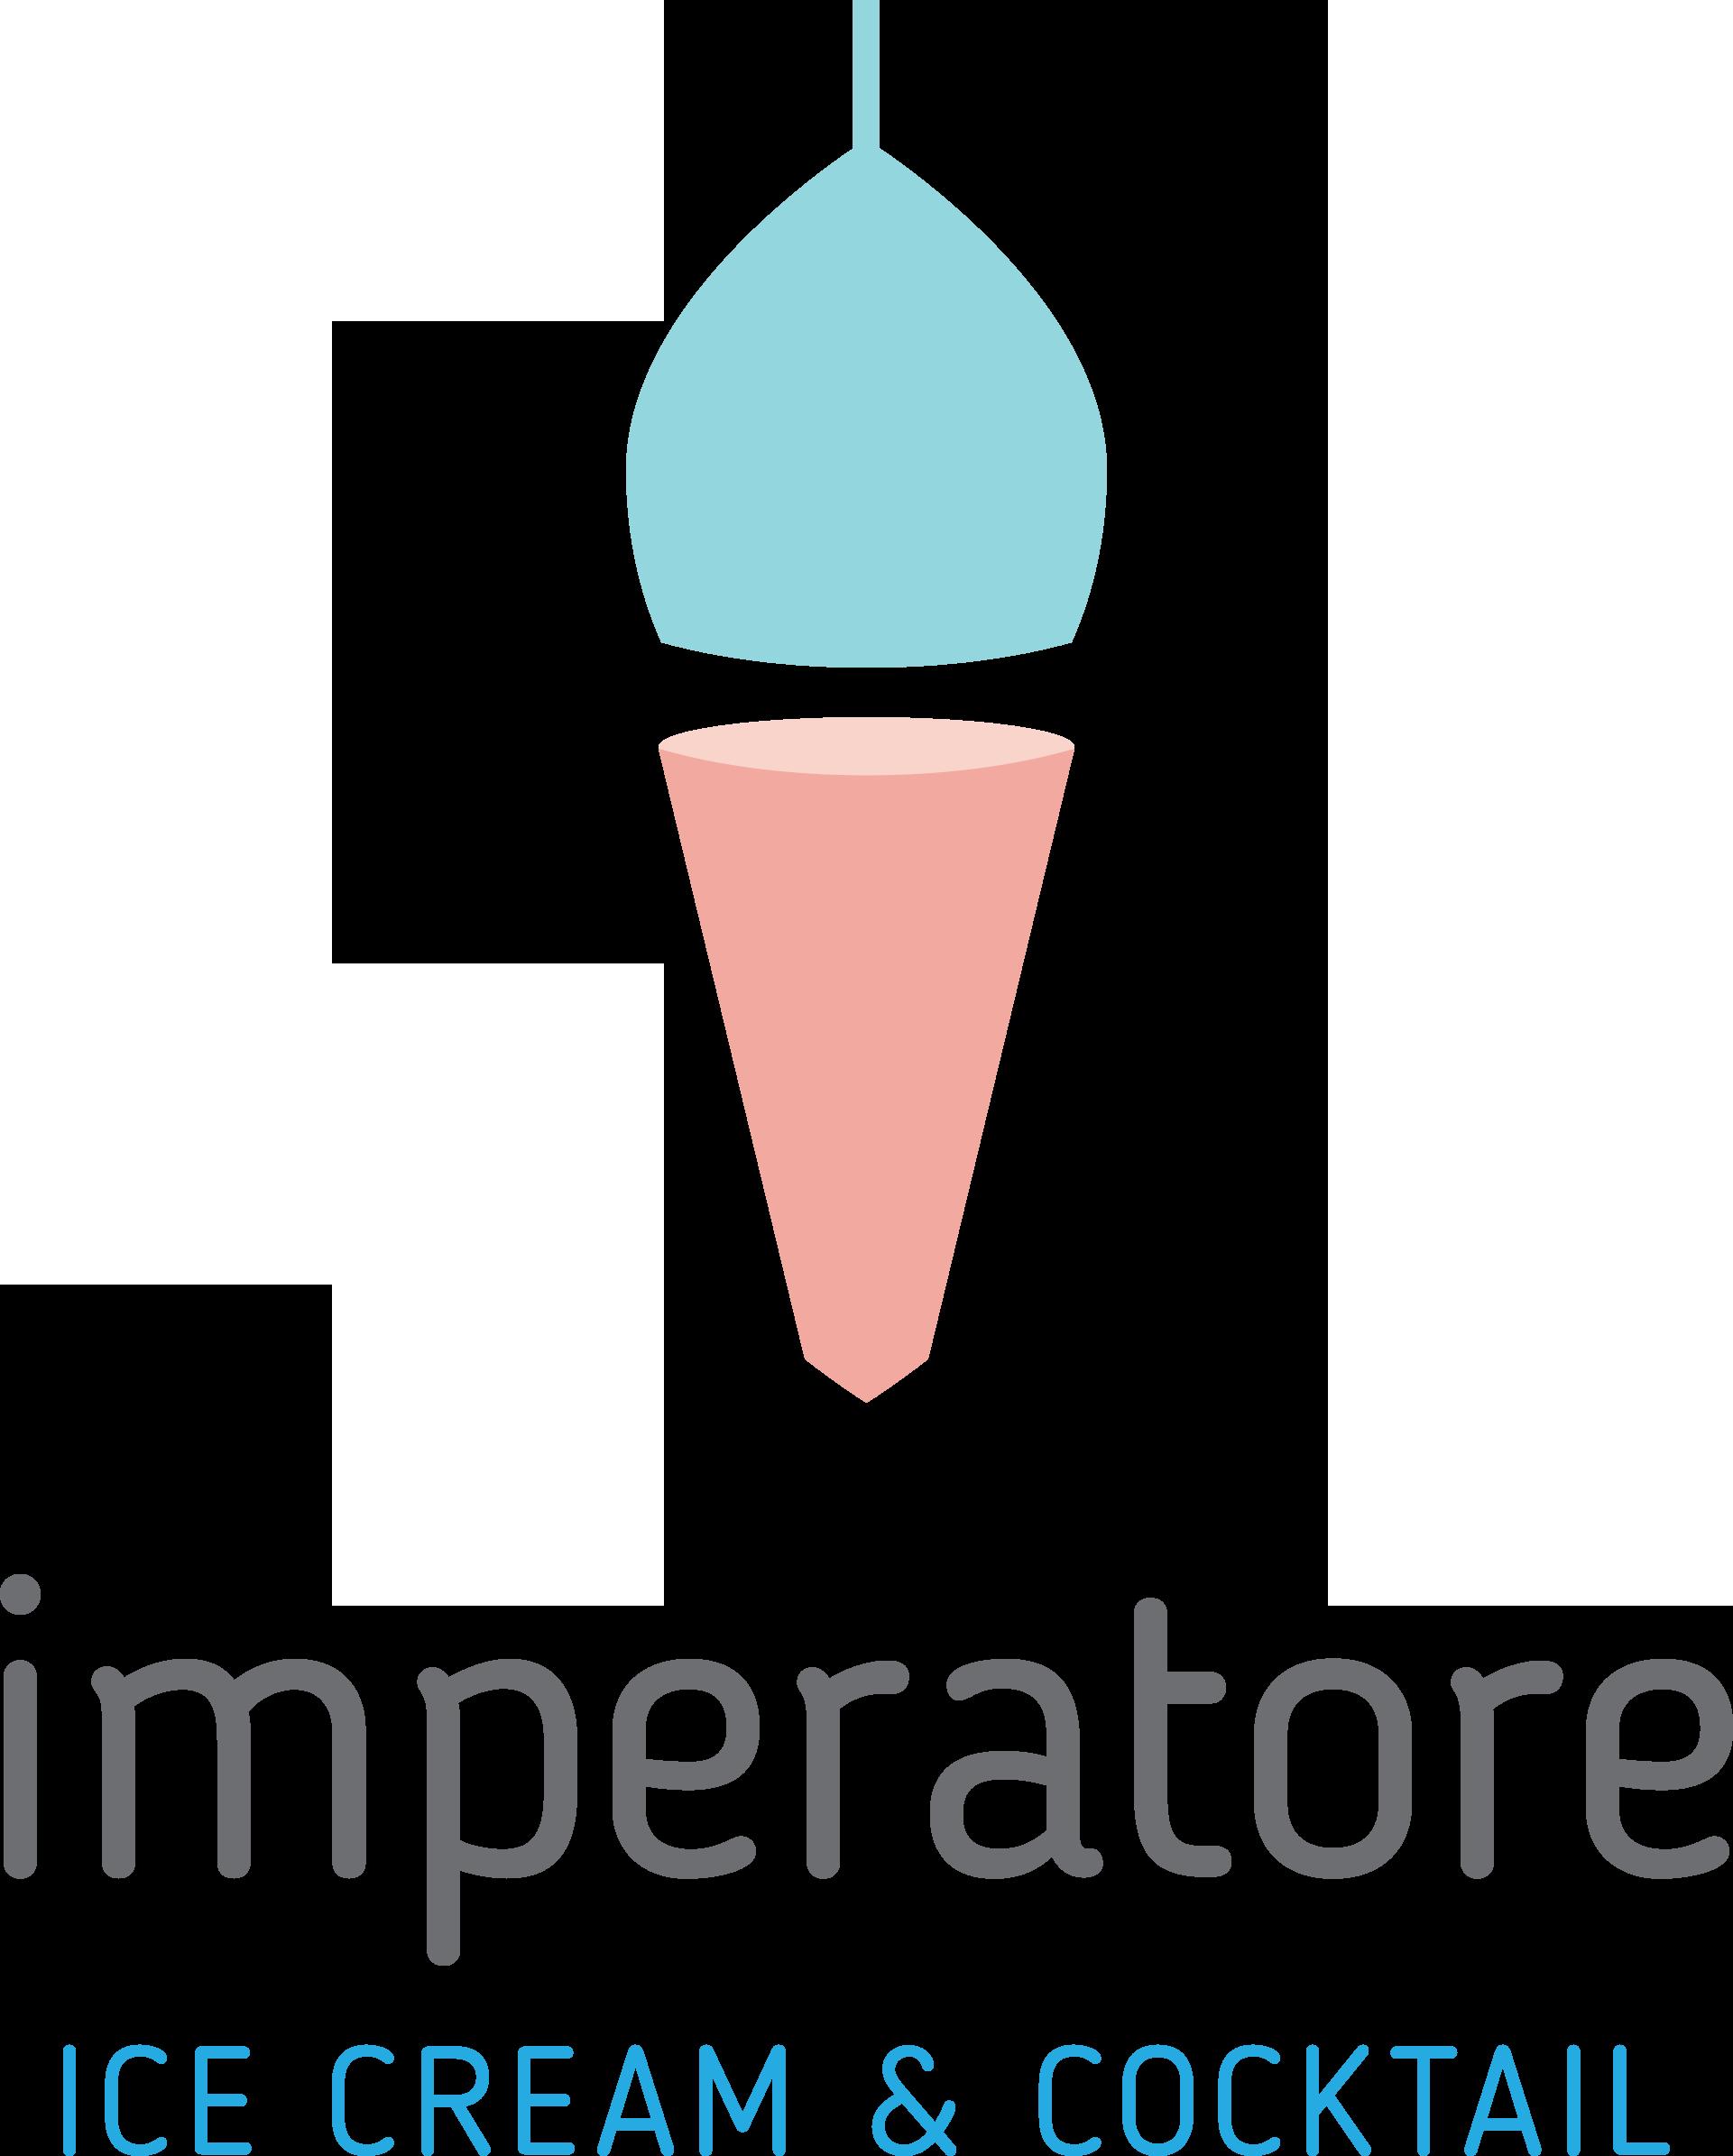 Bar Imperatore